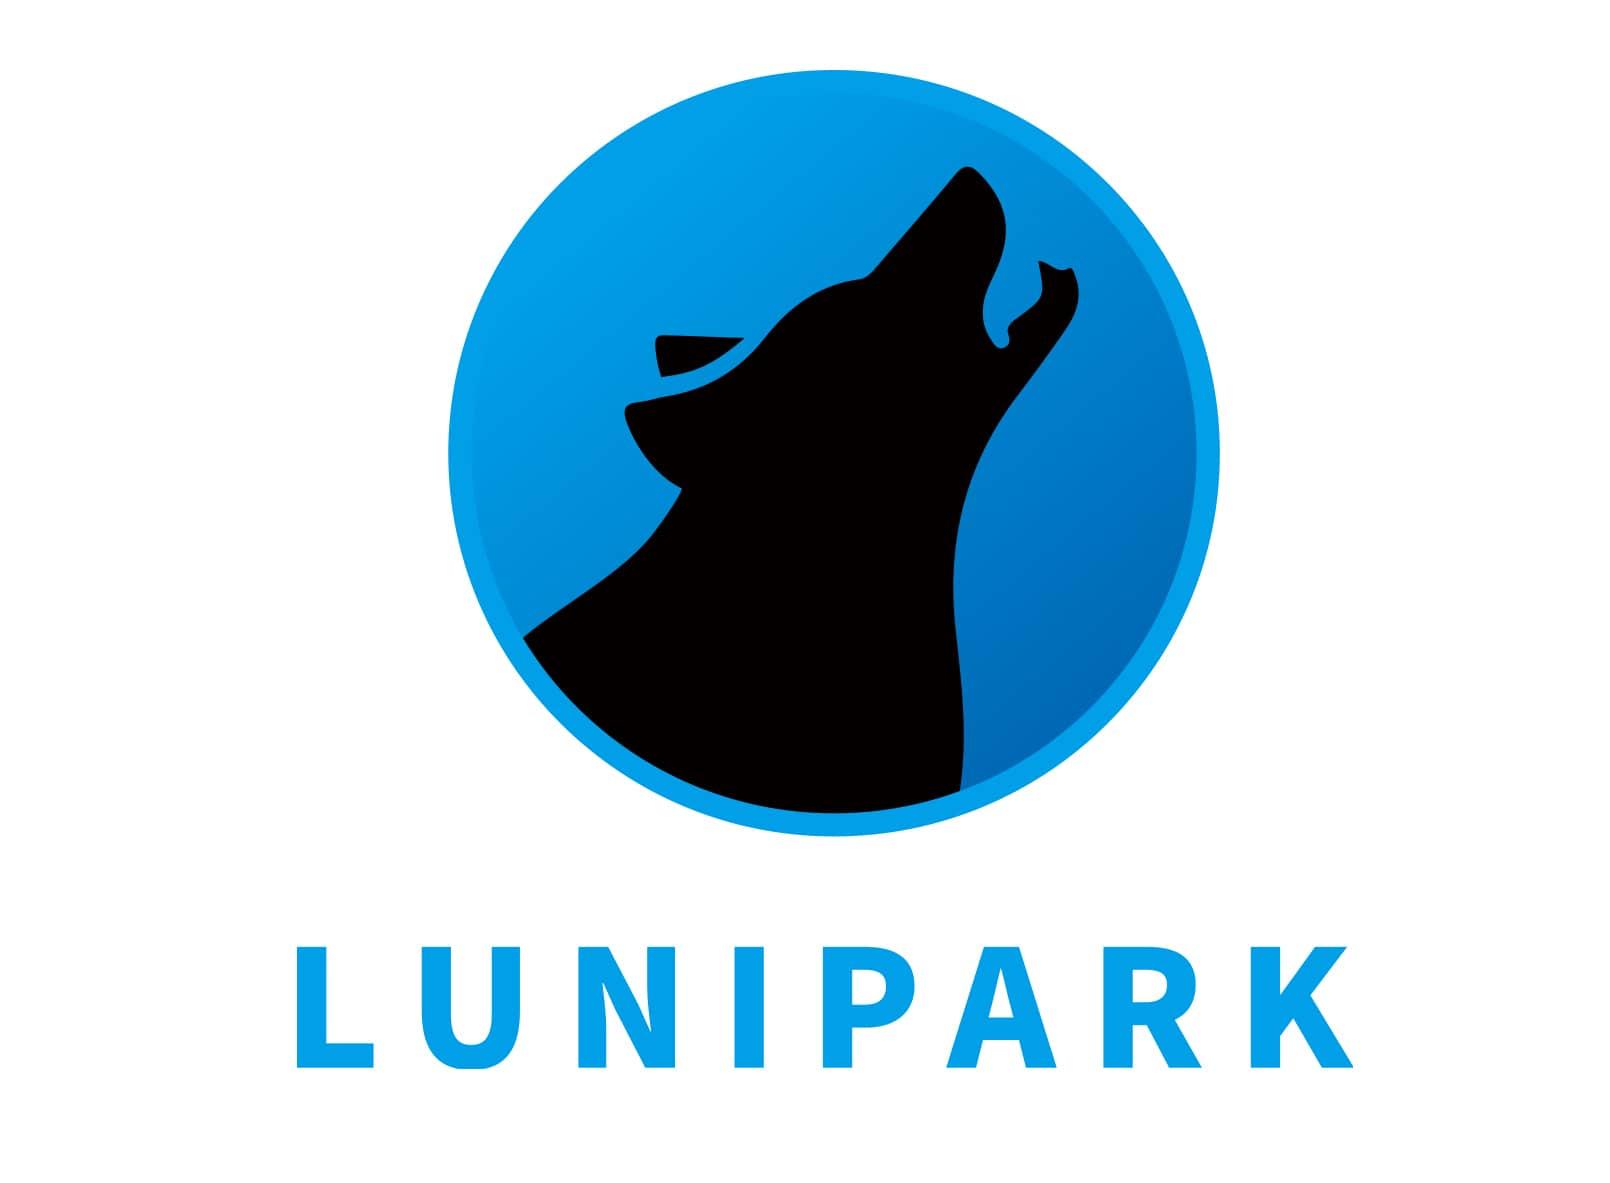 '루니미디어'의 PC게임 유통플랫폼 '루니파크' 로고 © 갓잇코리아